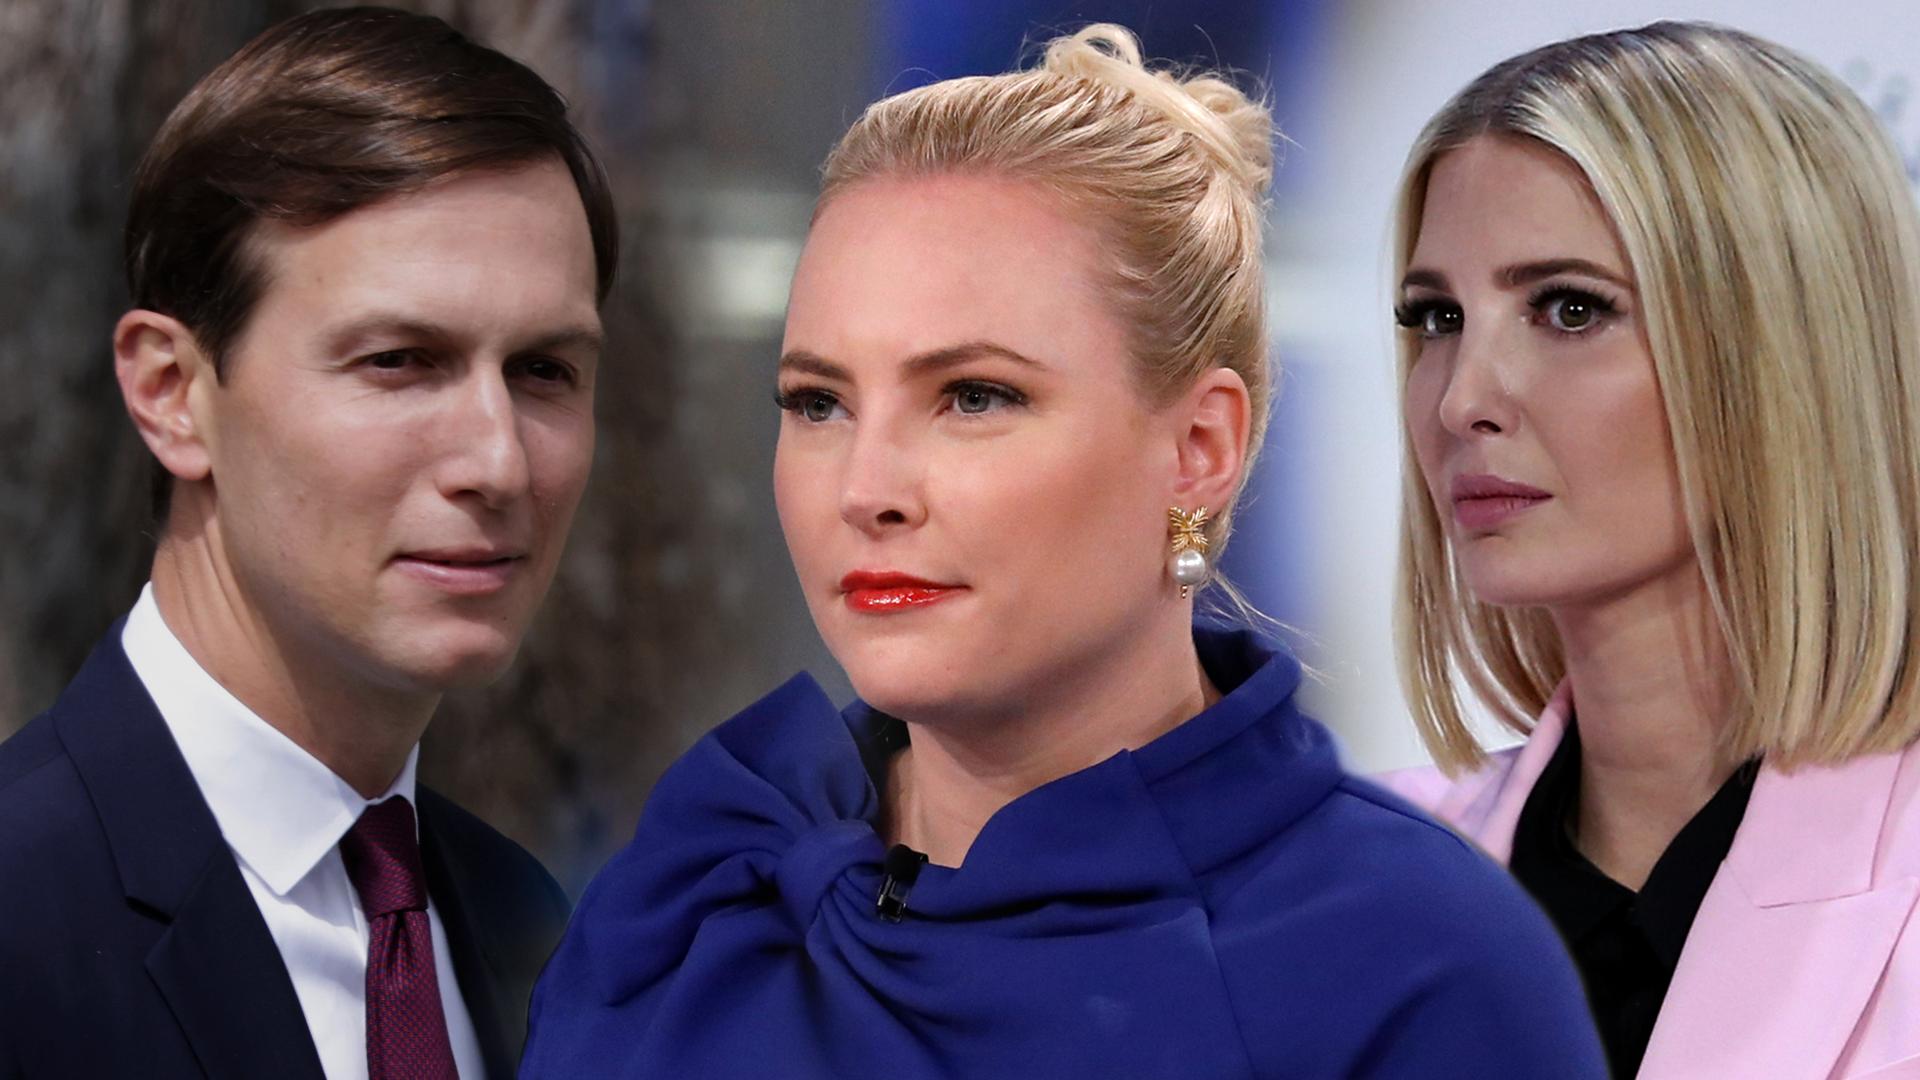 Meghan McCain still angry at Ivanka Trump and Jared Kushner